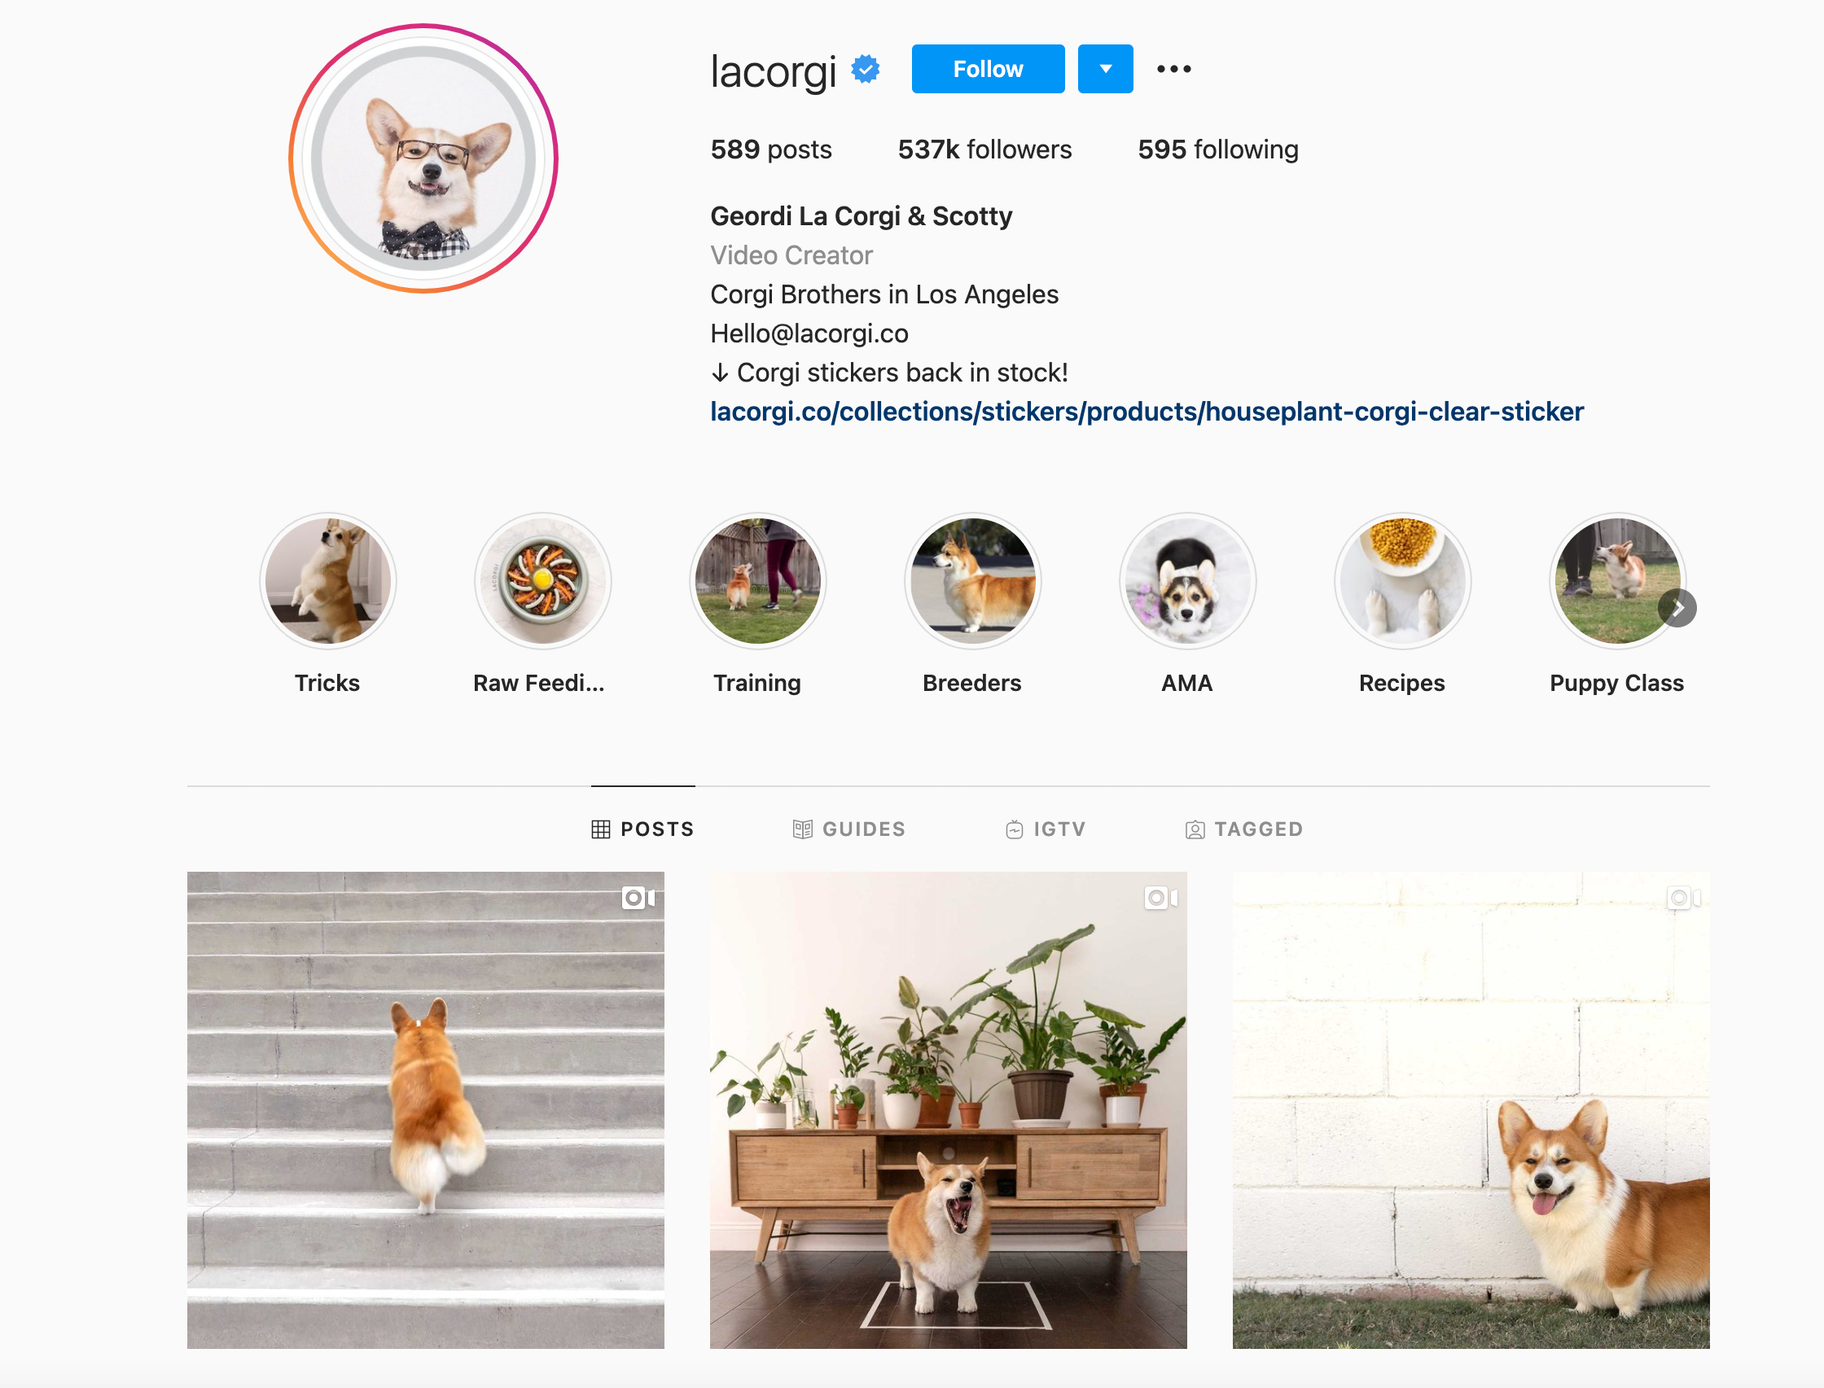 Instagram consistent branding